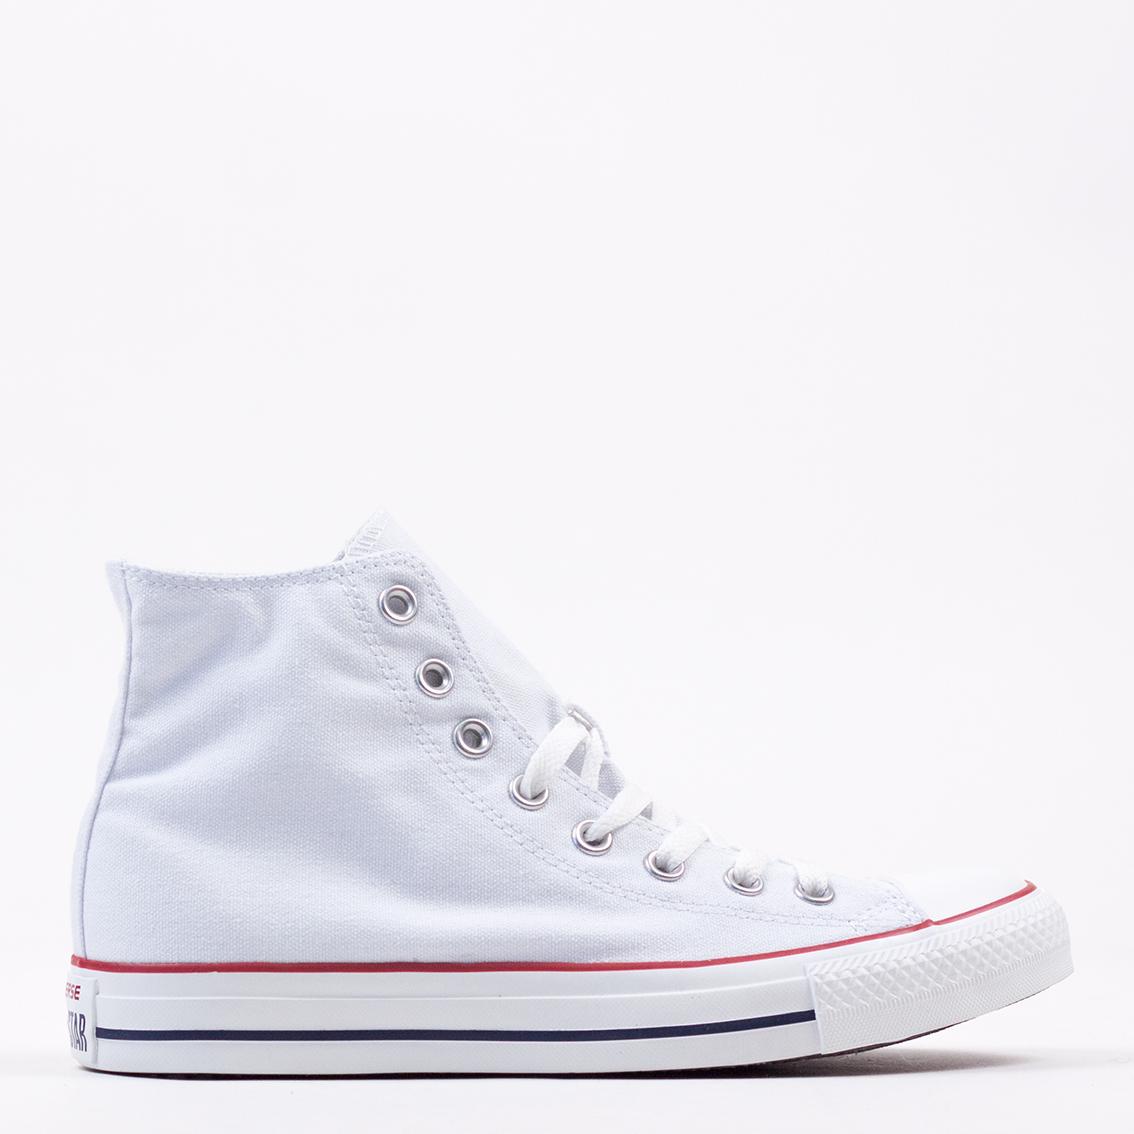 Converse-All-Star-Chuck-Taylor-Hi-Optical-White-M7650